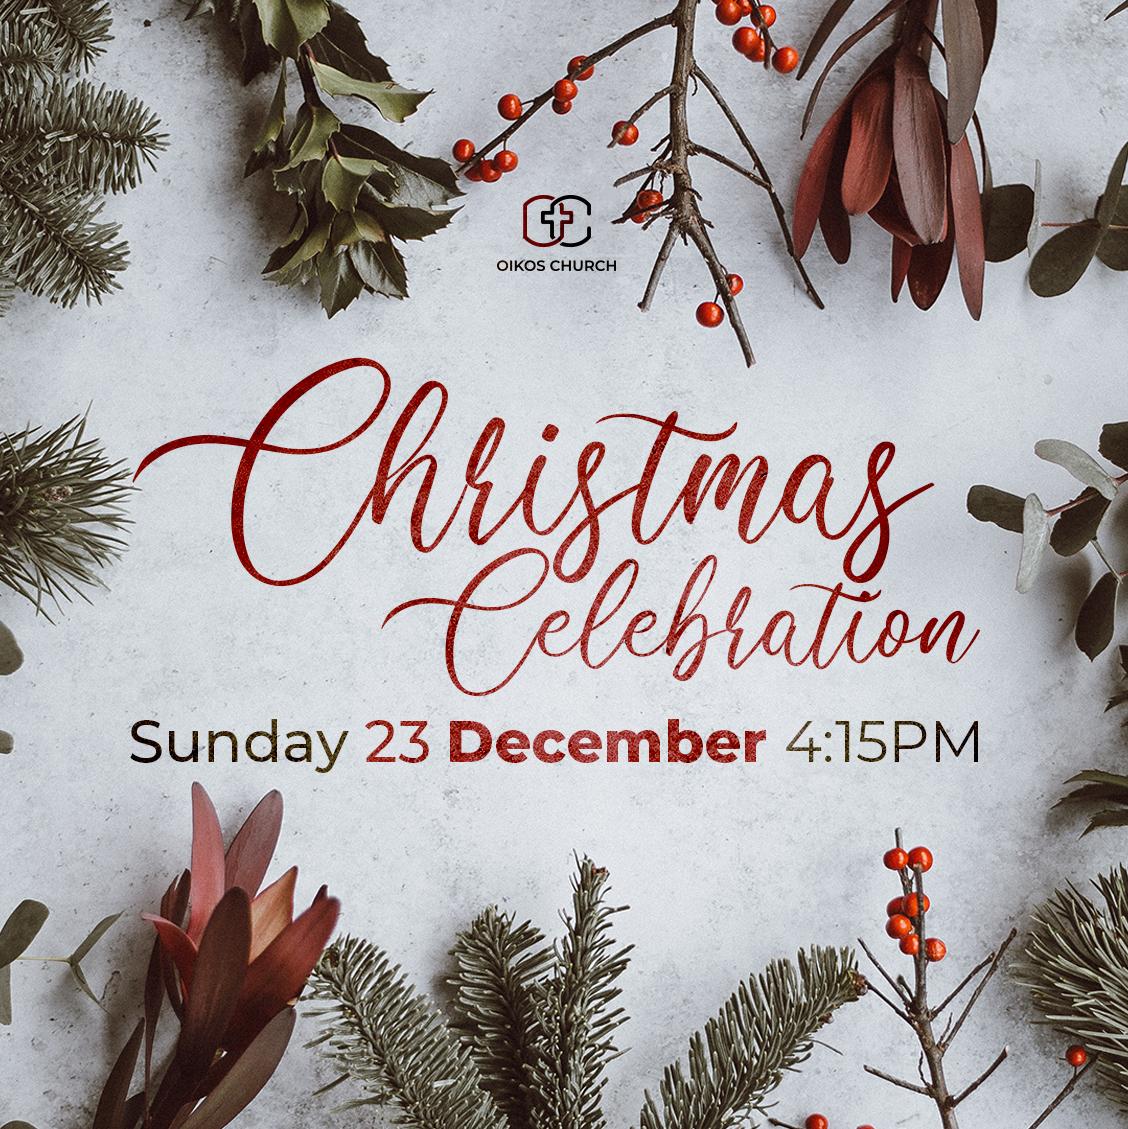 Christmas Instagram.jpg